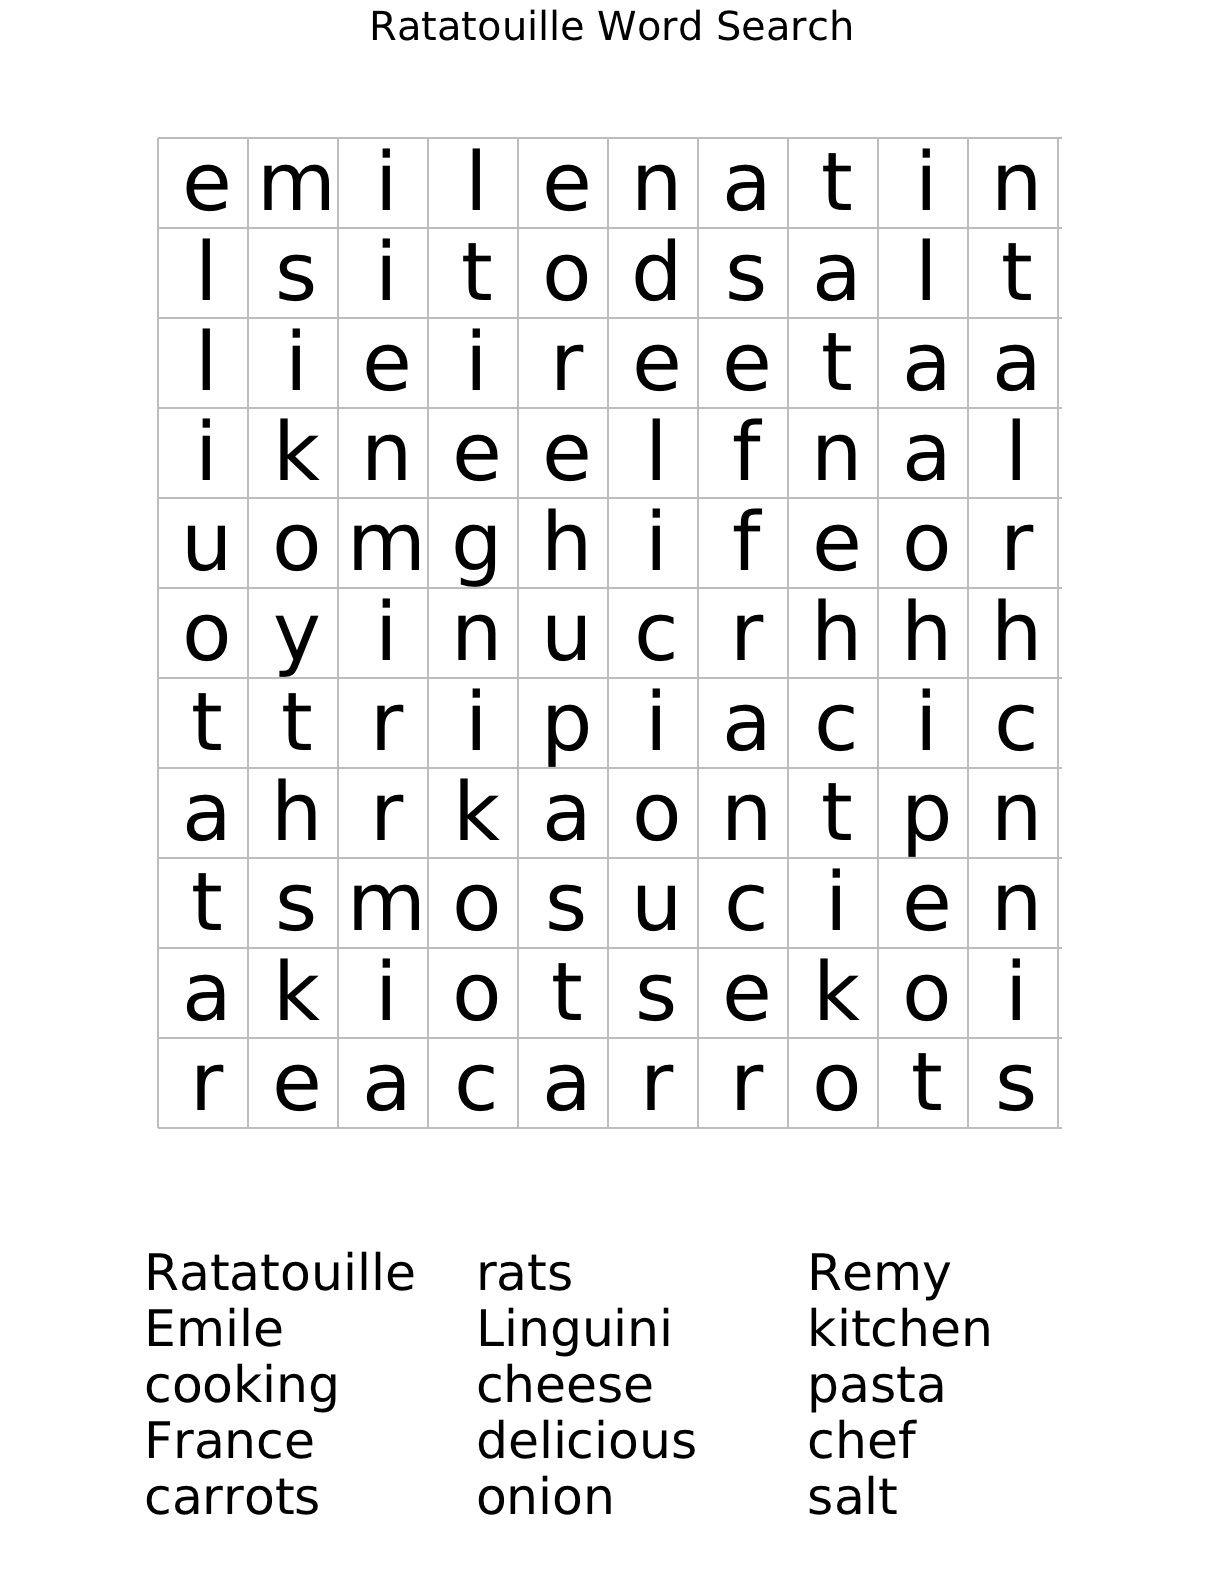 Ratatouille Word Search Worksheet | Free Math Worksheets | Free Printable Math Word Search Worksheets